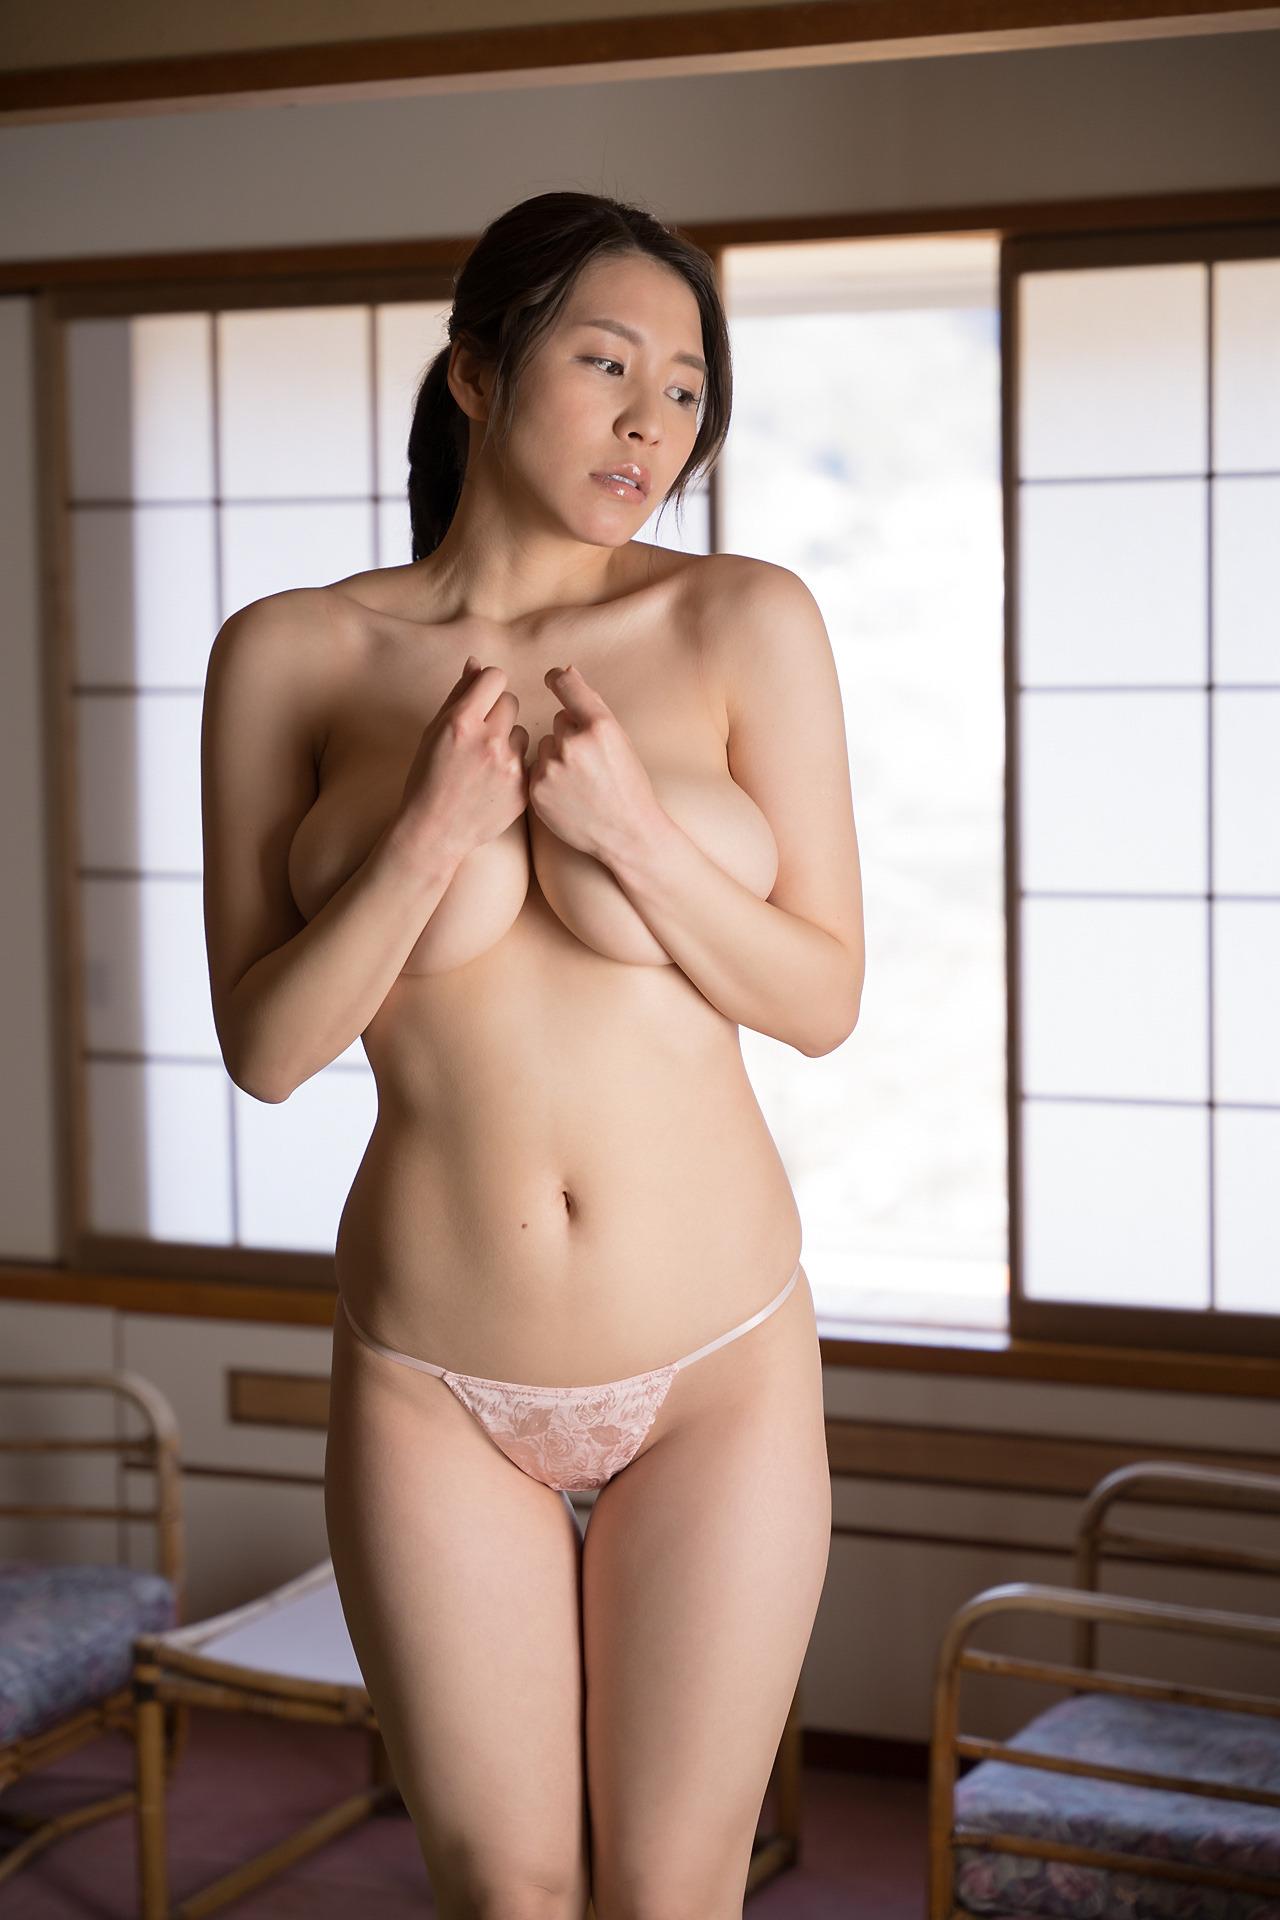 夏来唯 Yui Natsuki -36.jpg